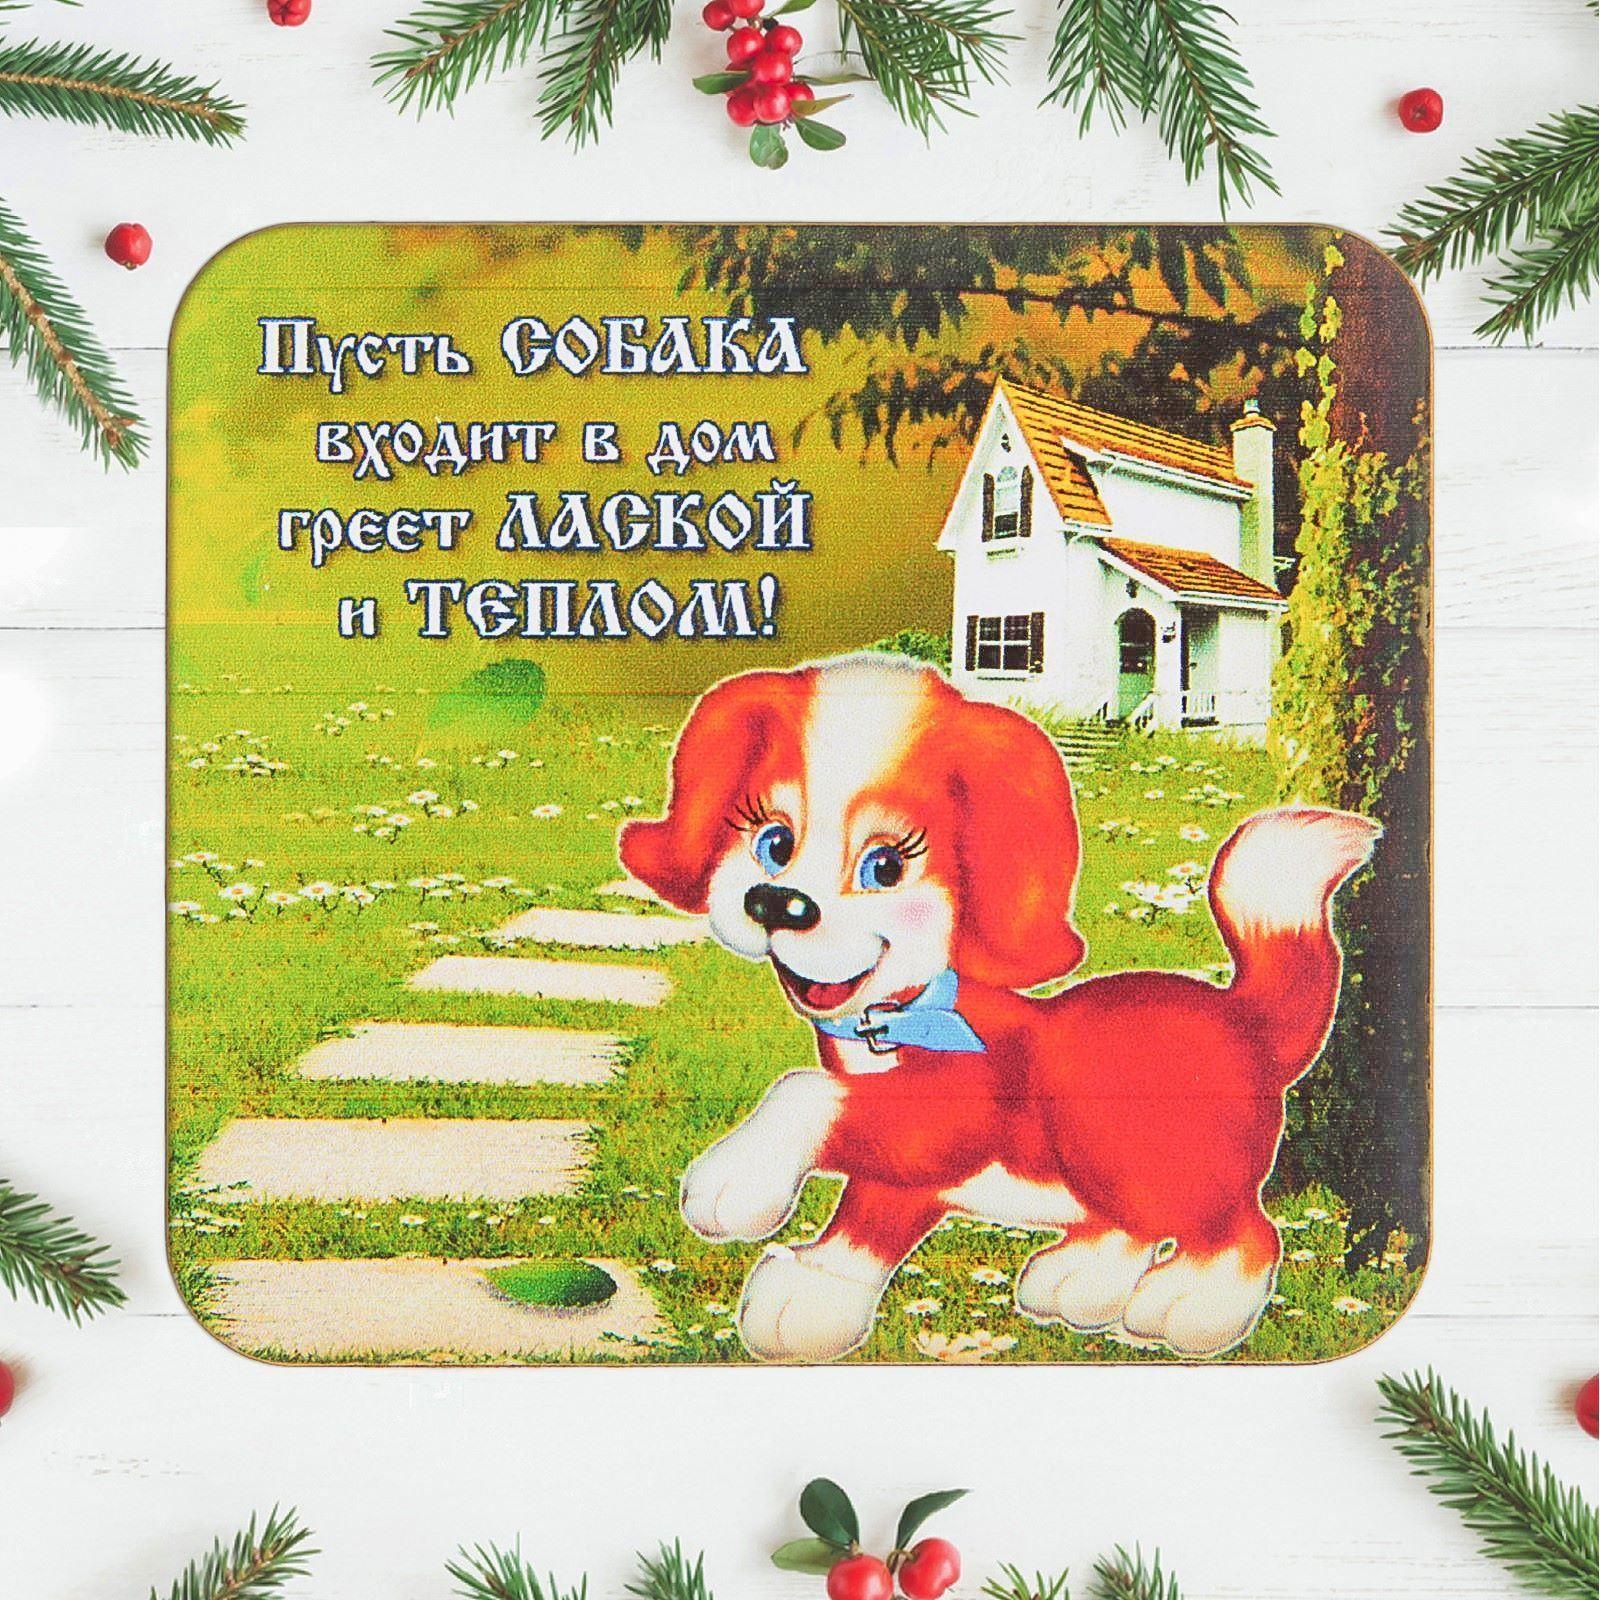 Магнит Sima-land Пусть собака входит в дом..., 8 х 7 см2460287Порадуйте родных и близких оригинальным сувениром: преподнесите в подарок магнит. С ним даже самый серьёзный человек почувствует себя ребёнком, ожидающим чудо! Создайте праздничное настроение, и оно останется с вами на весь год.